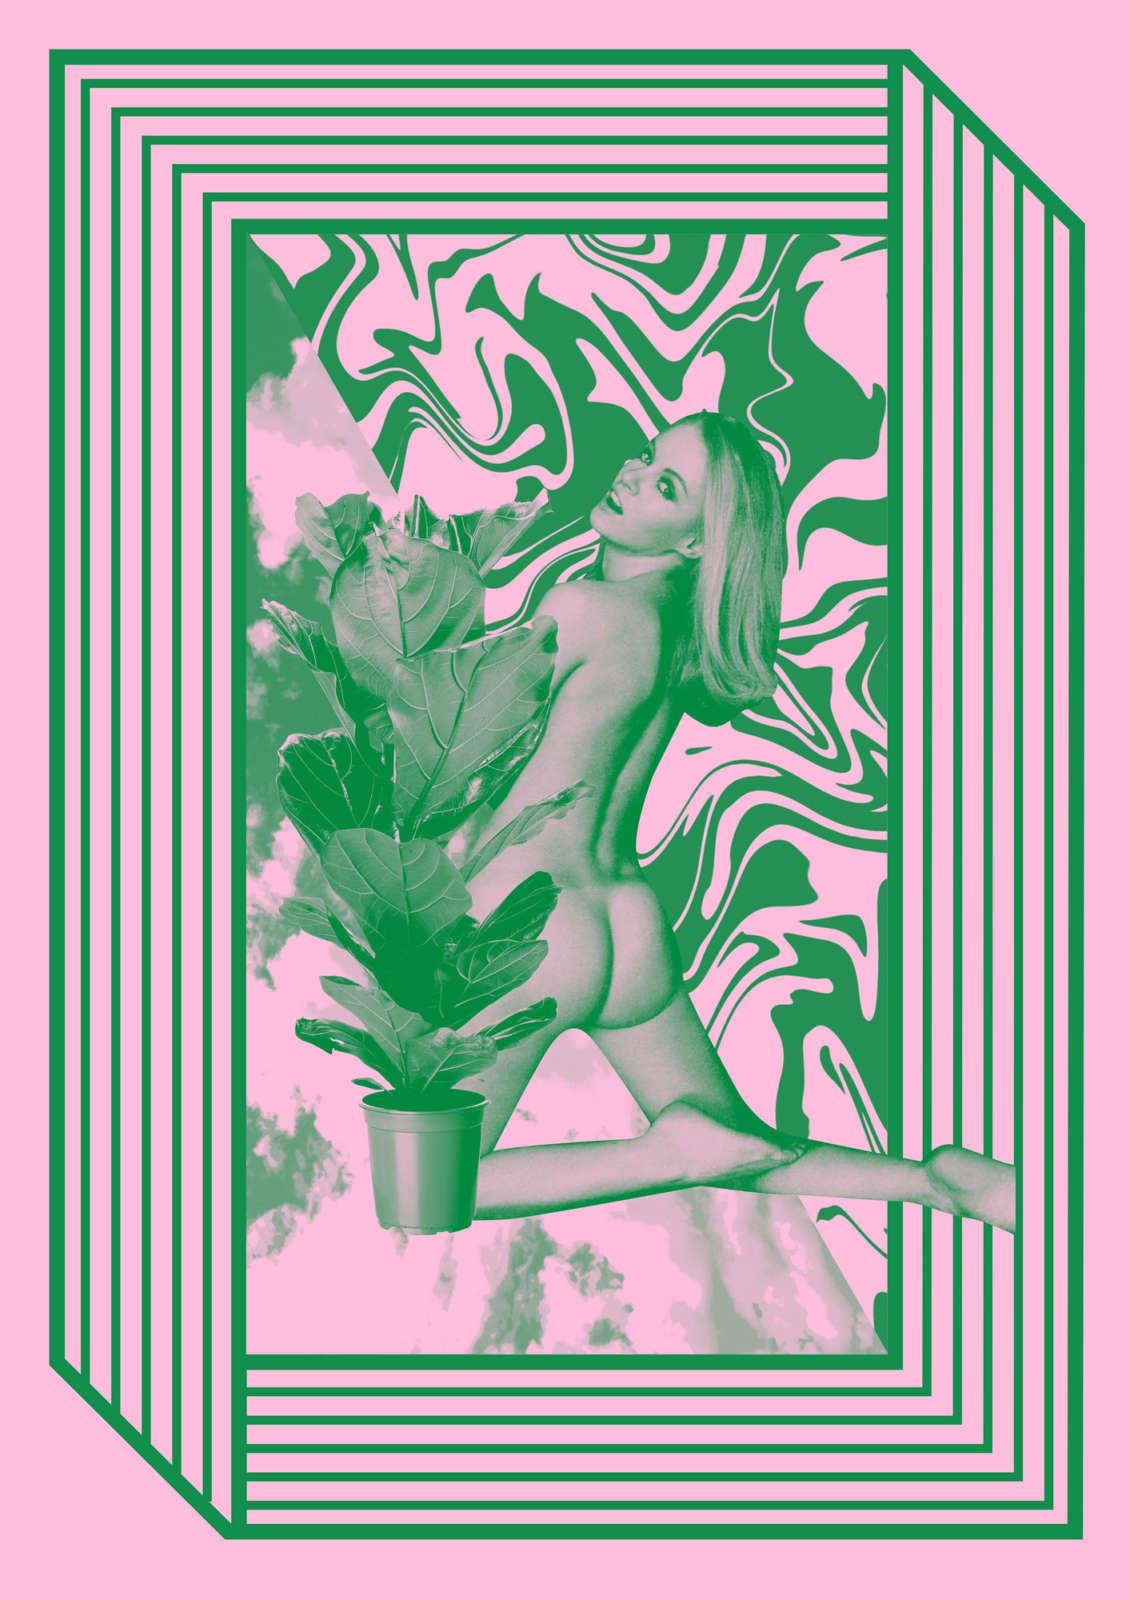 Chrissieabbott  Aparallelvision  Exhibition Foliage